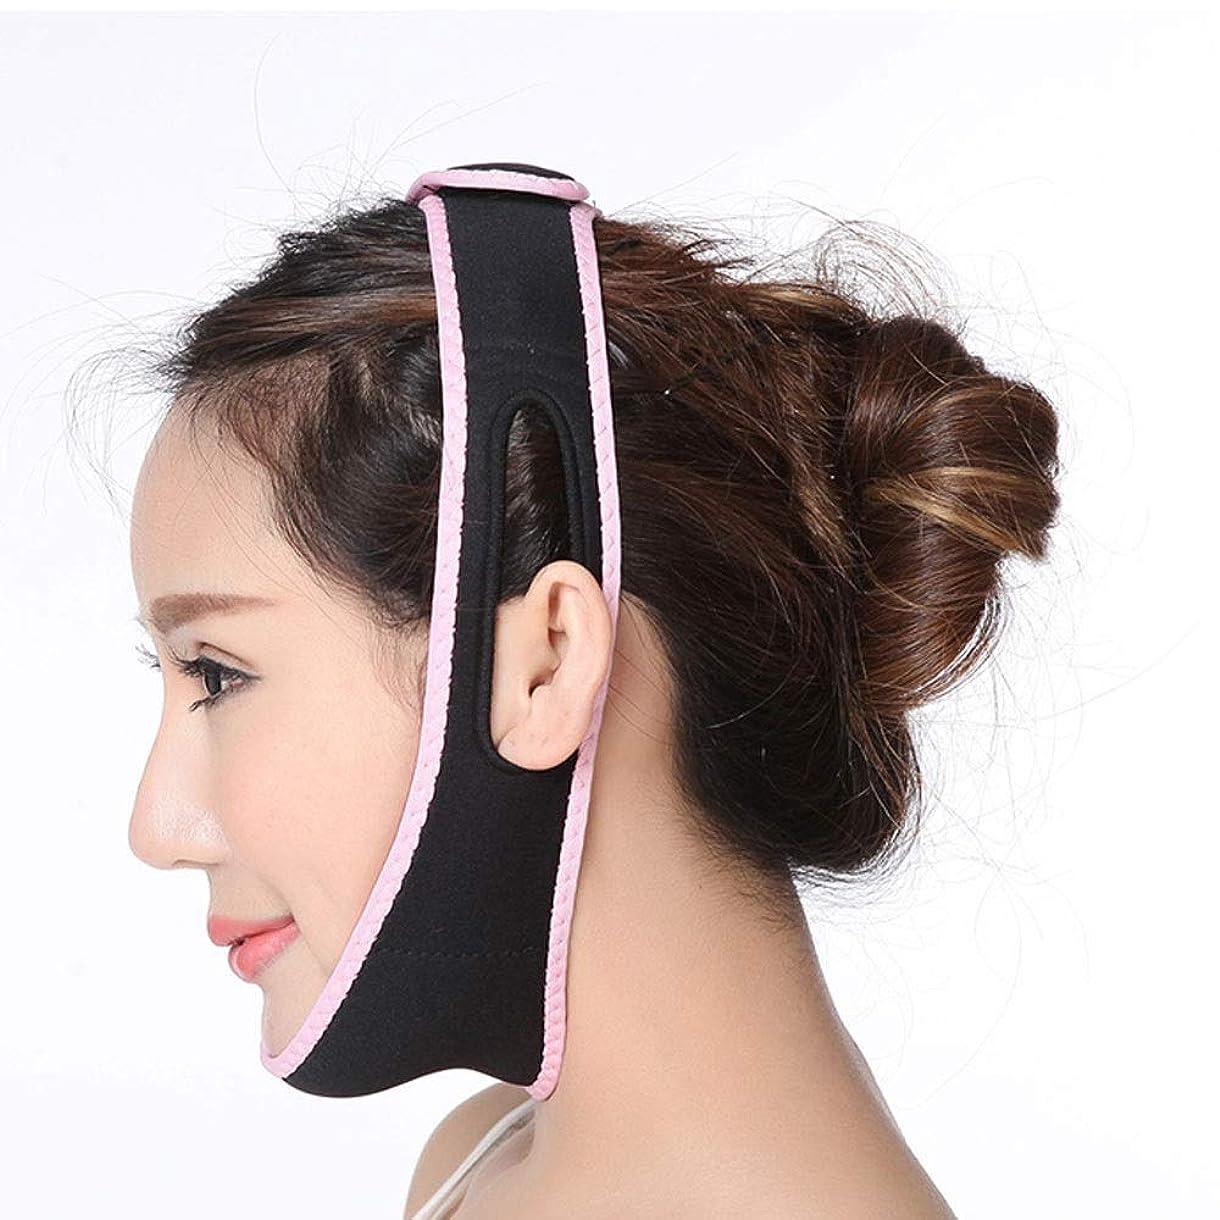 ハック放映蛾GYZ フェイスリフティングアーティファクト3D薄型フェイス付き薄型シンフェイスマスク小型Vフェイス包帯二重あごフェイスリフティングデバイスリフティングファーミング - ブラック Thin Face Belt